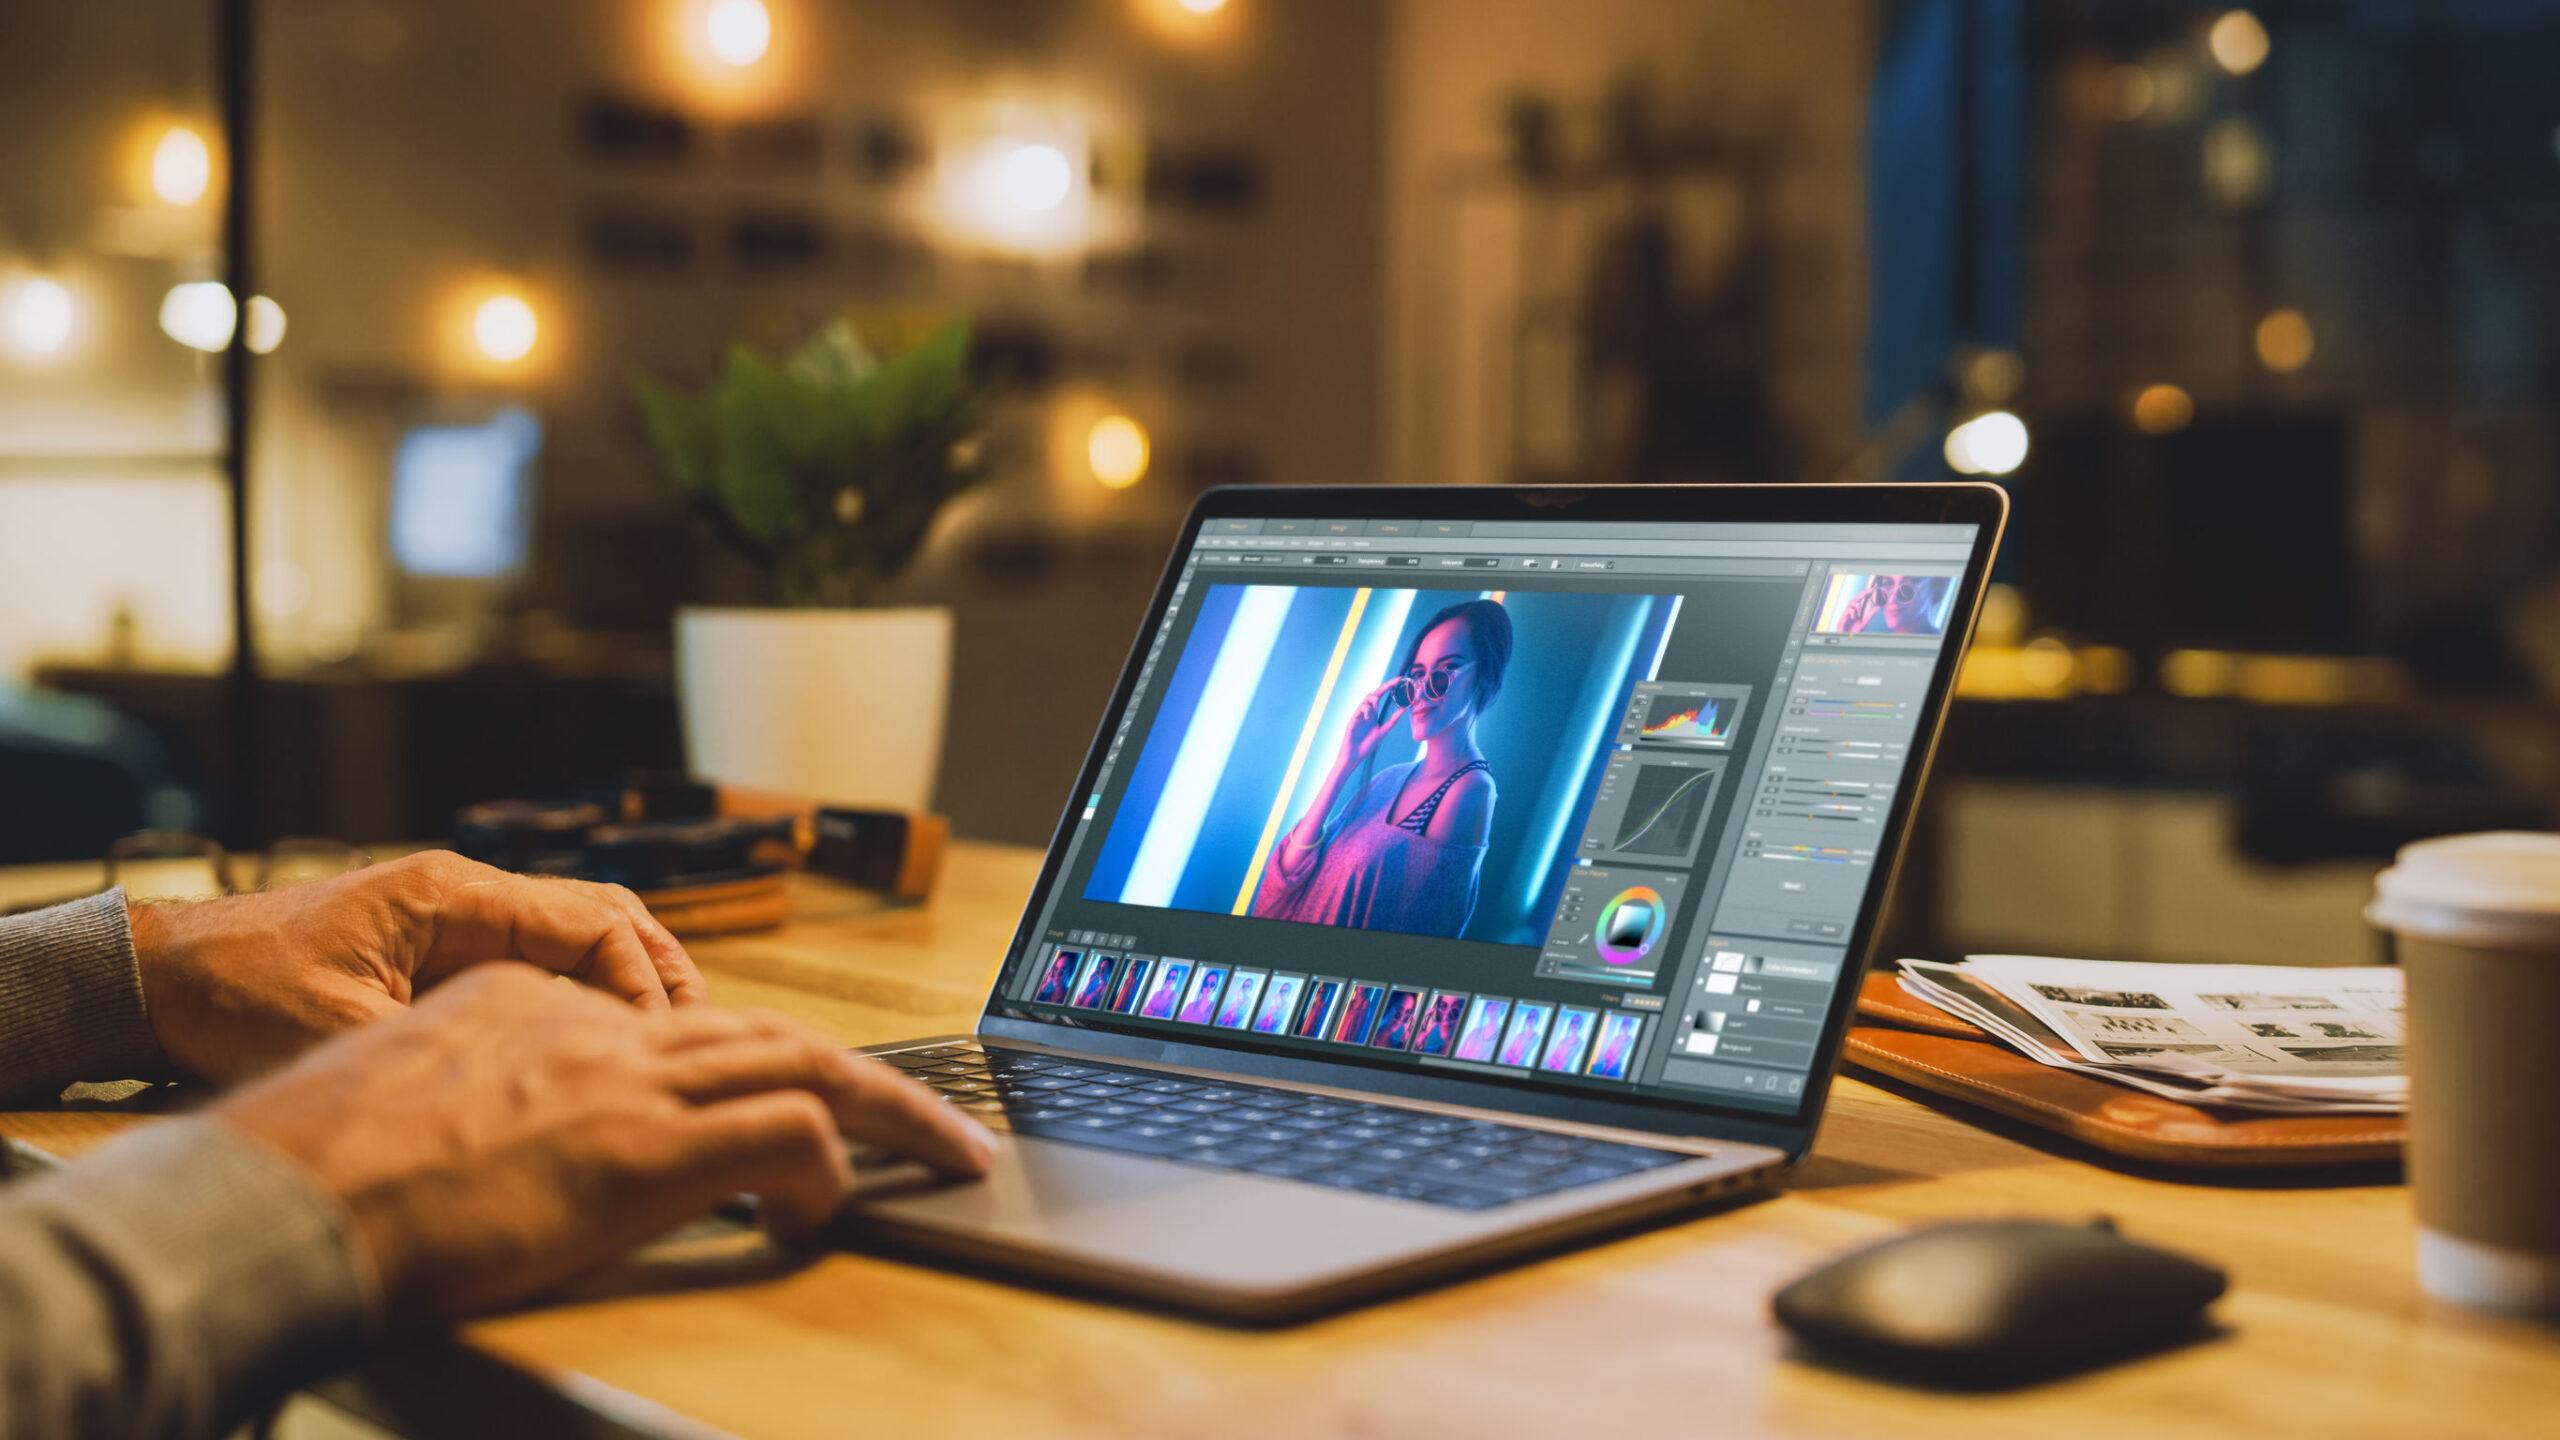 Complete Guide To Describing & Keywording Photos & Vectors